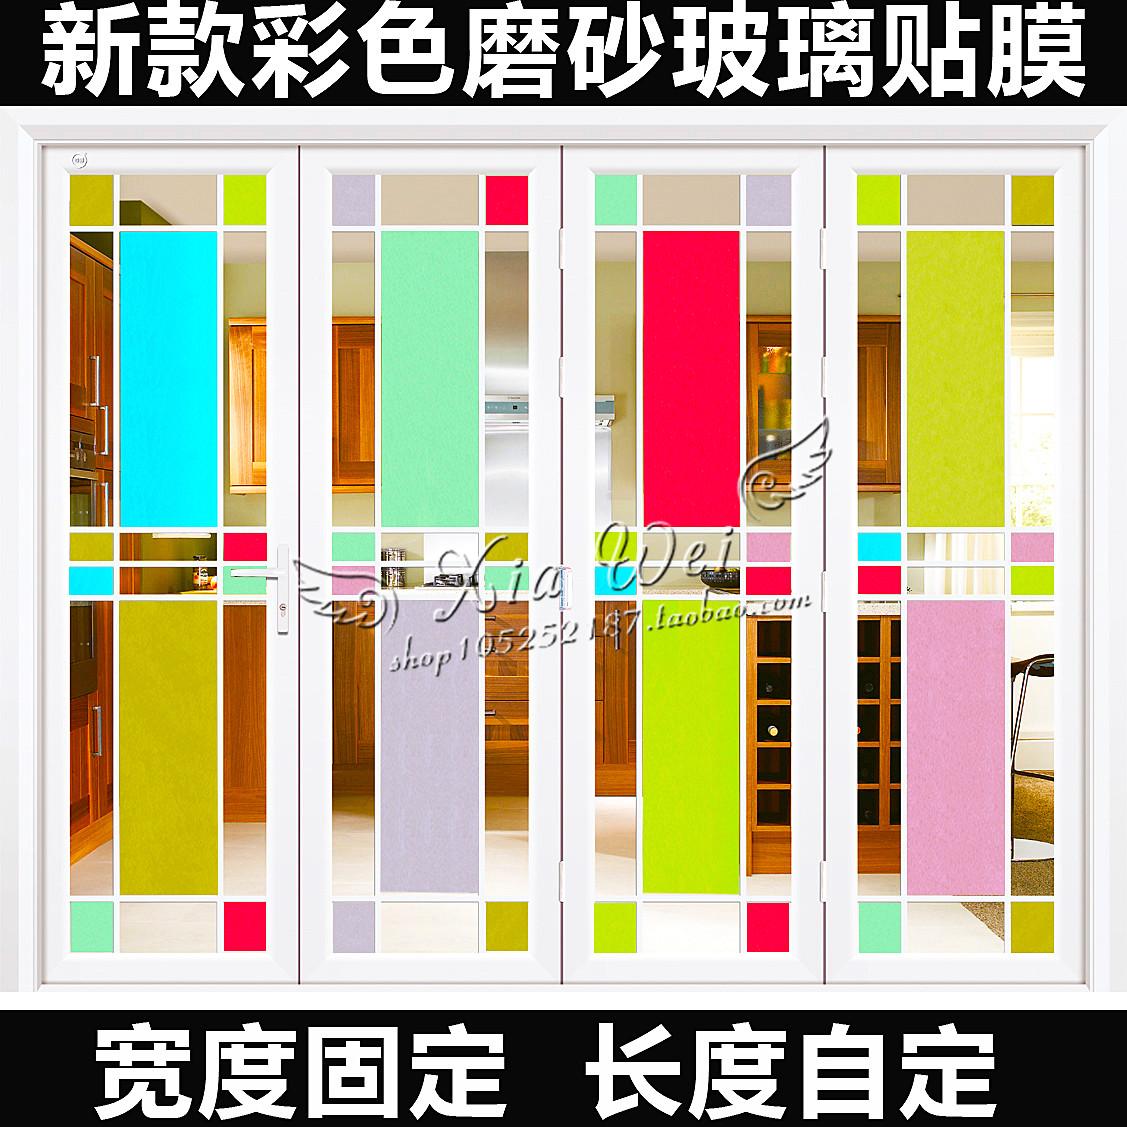 2017夏威加厚彩色磨砂玻璃贴膜贴防晒窗户浴室透光不透明玻璃贴纸